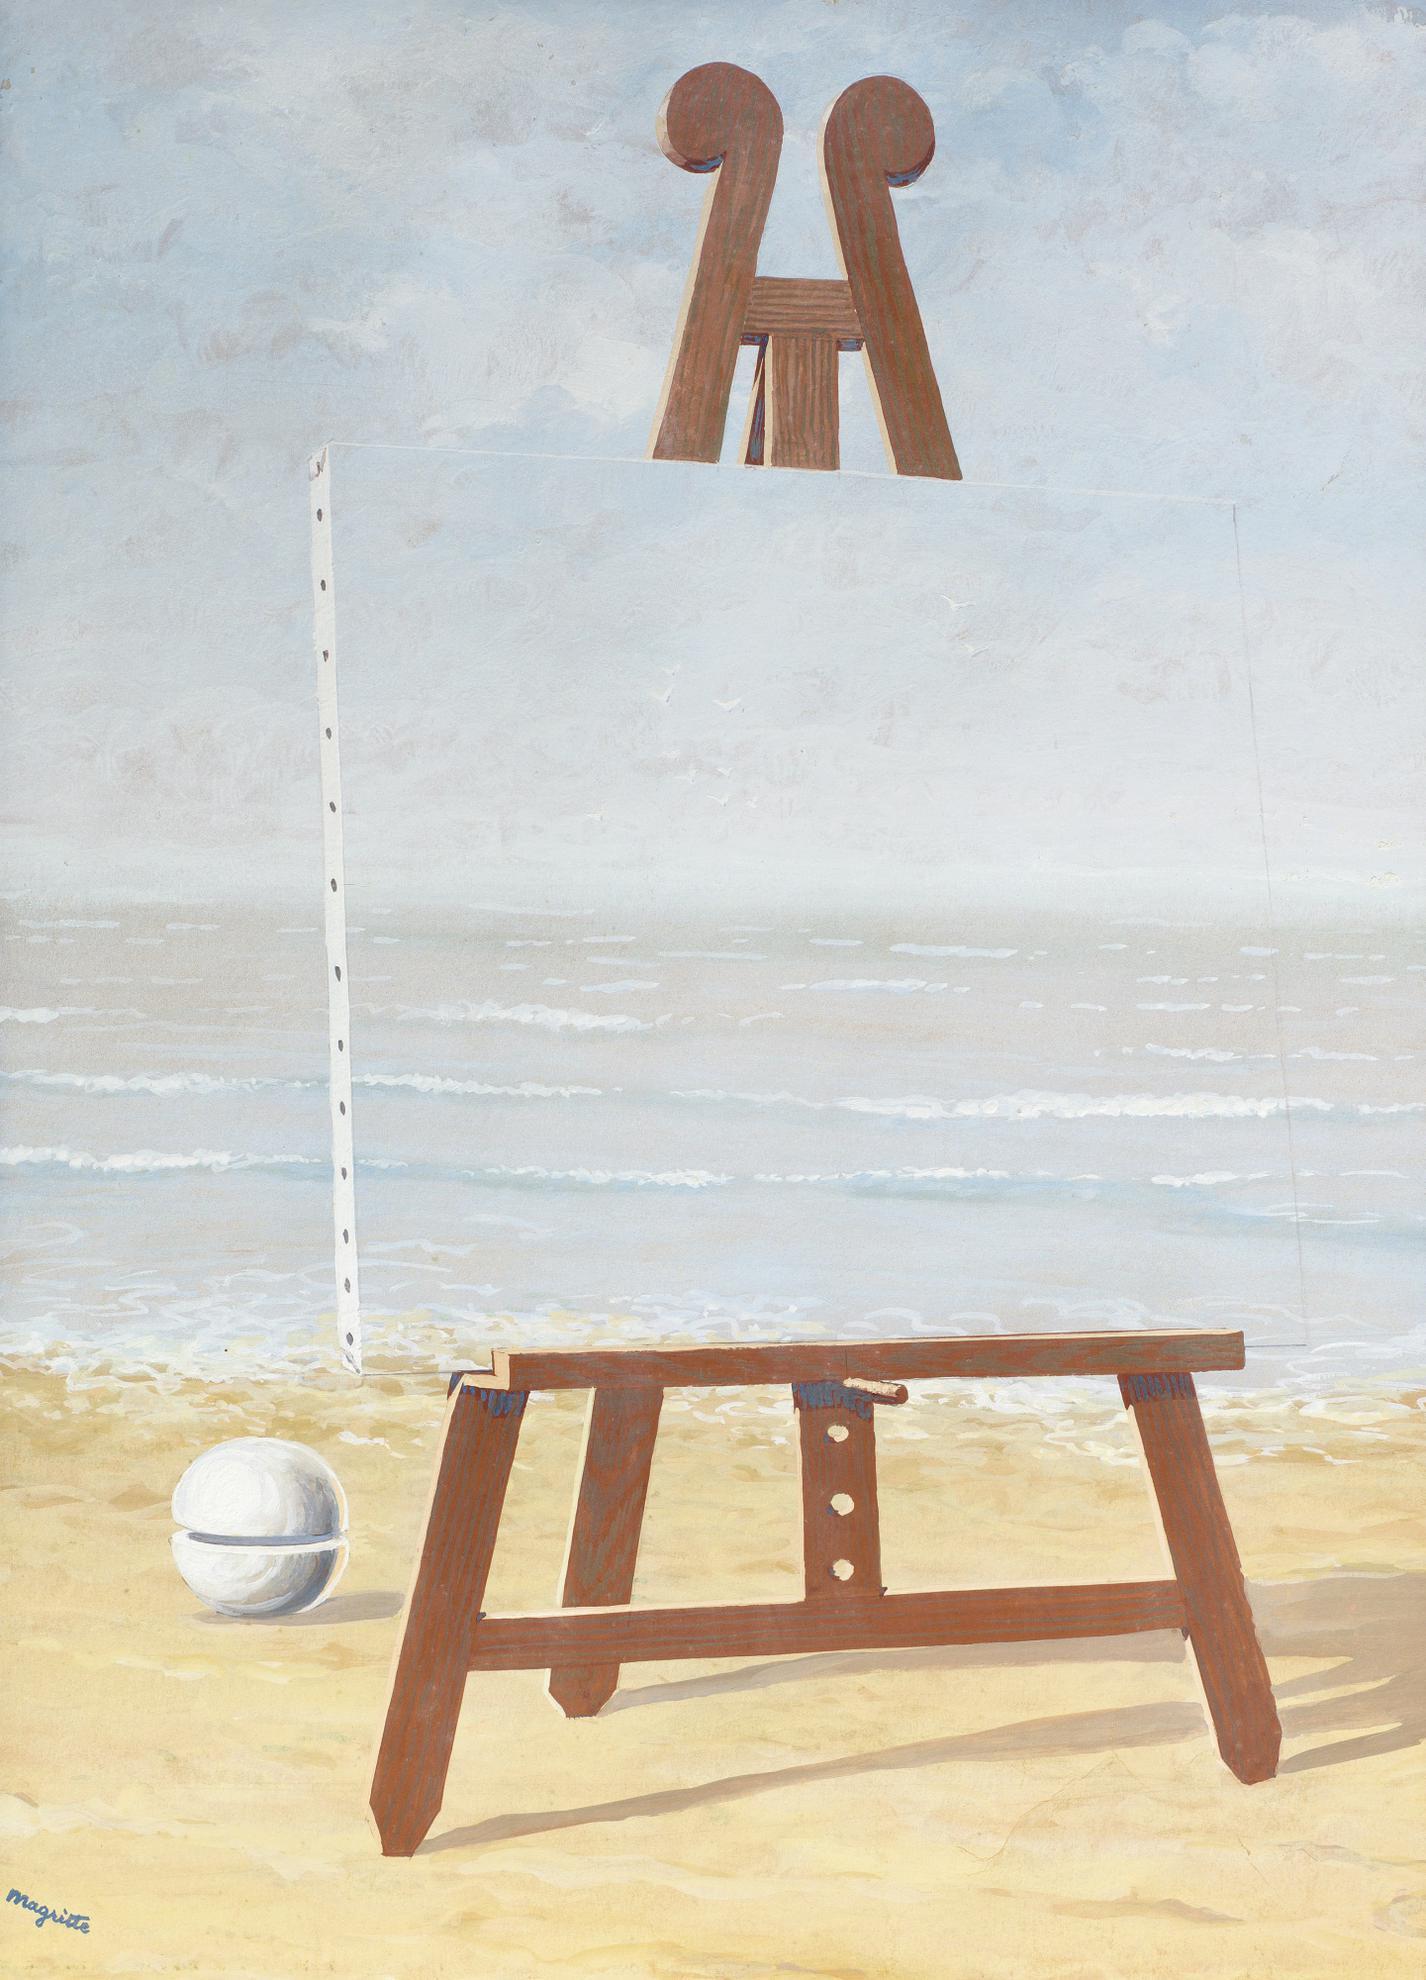 Rene Magritte-La Belle Captive-1946